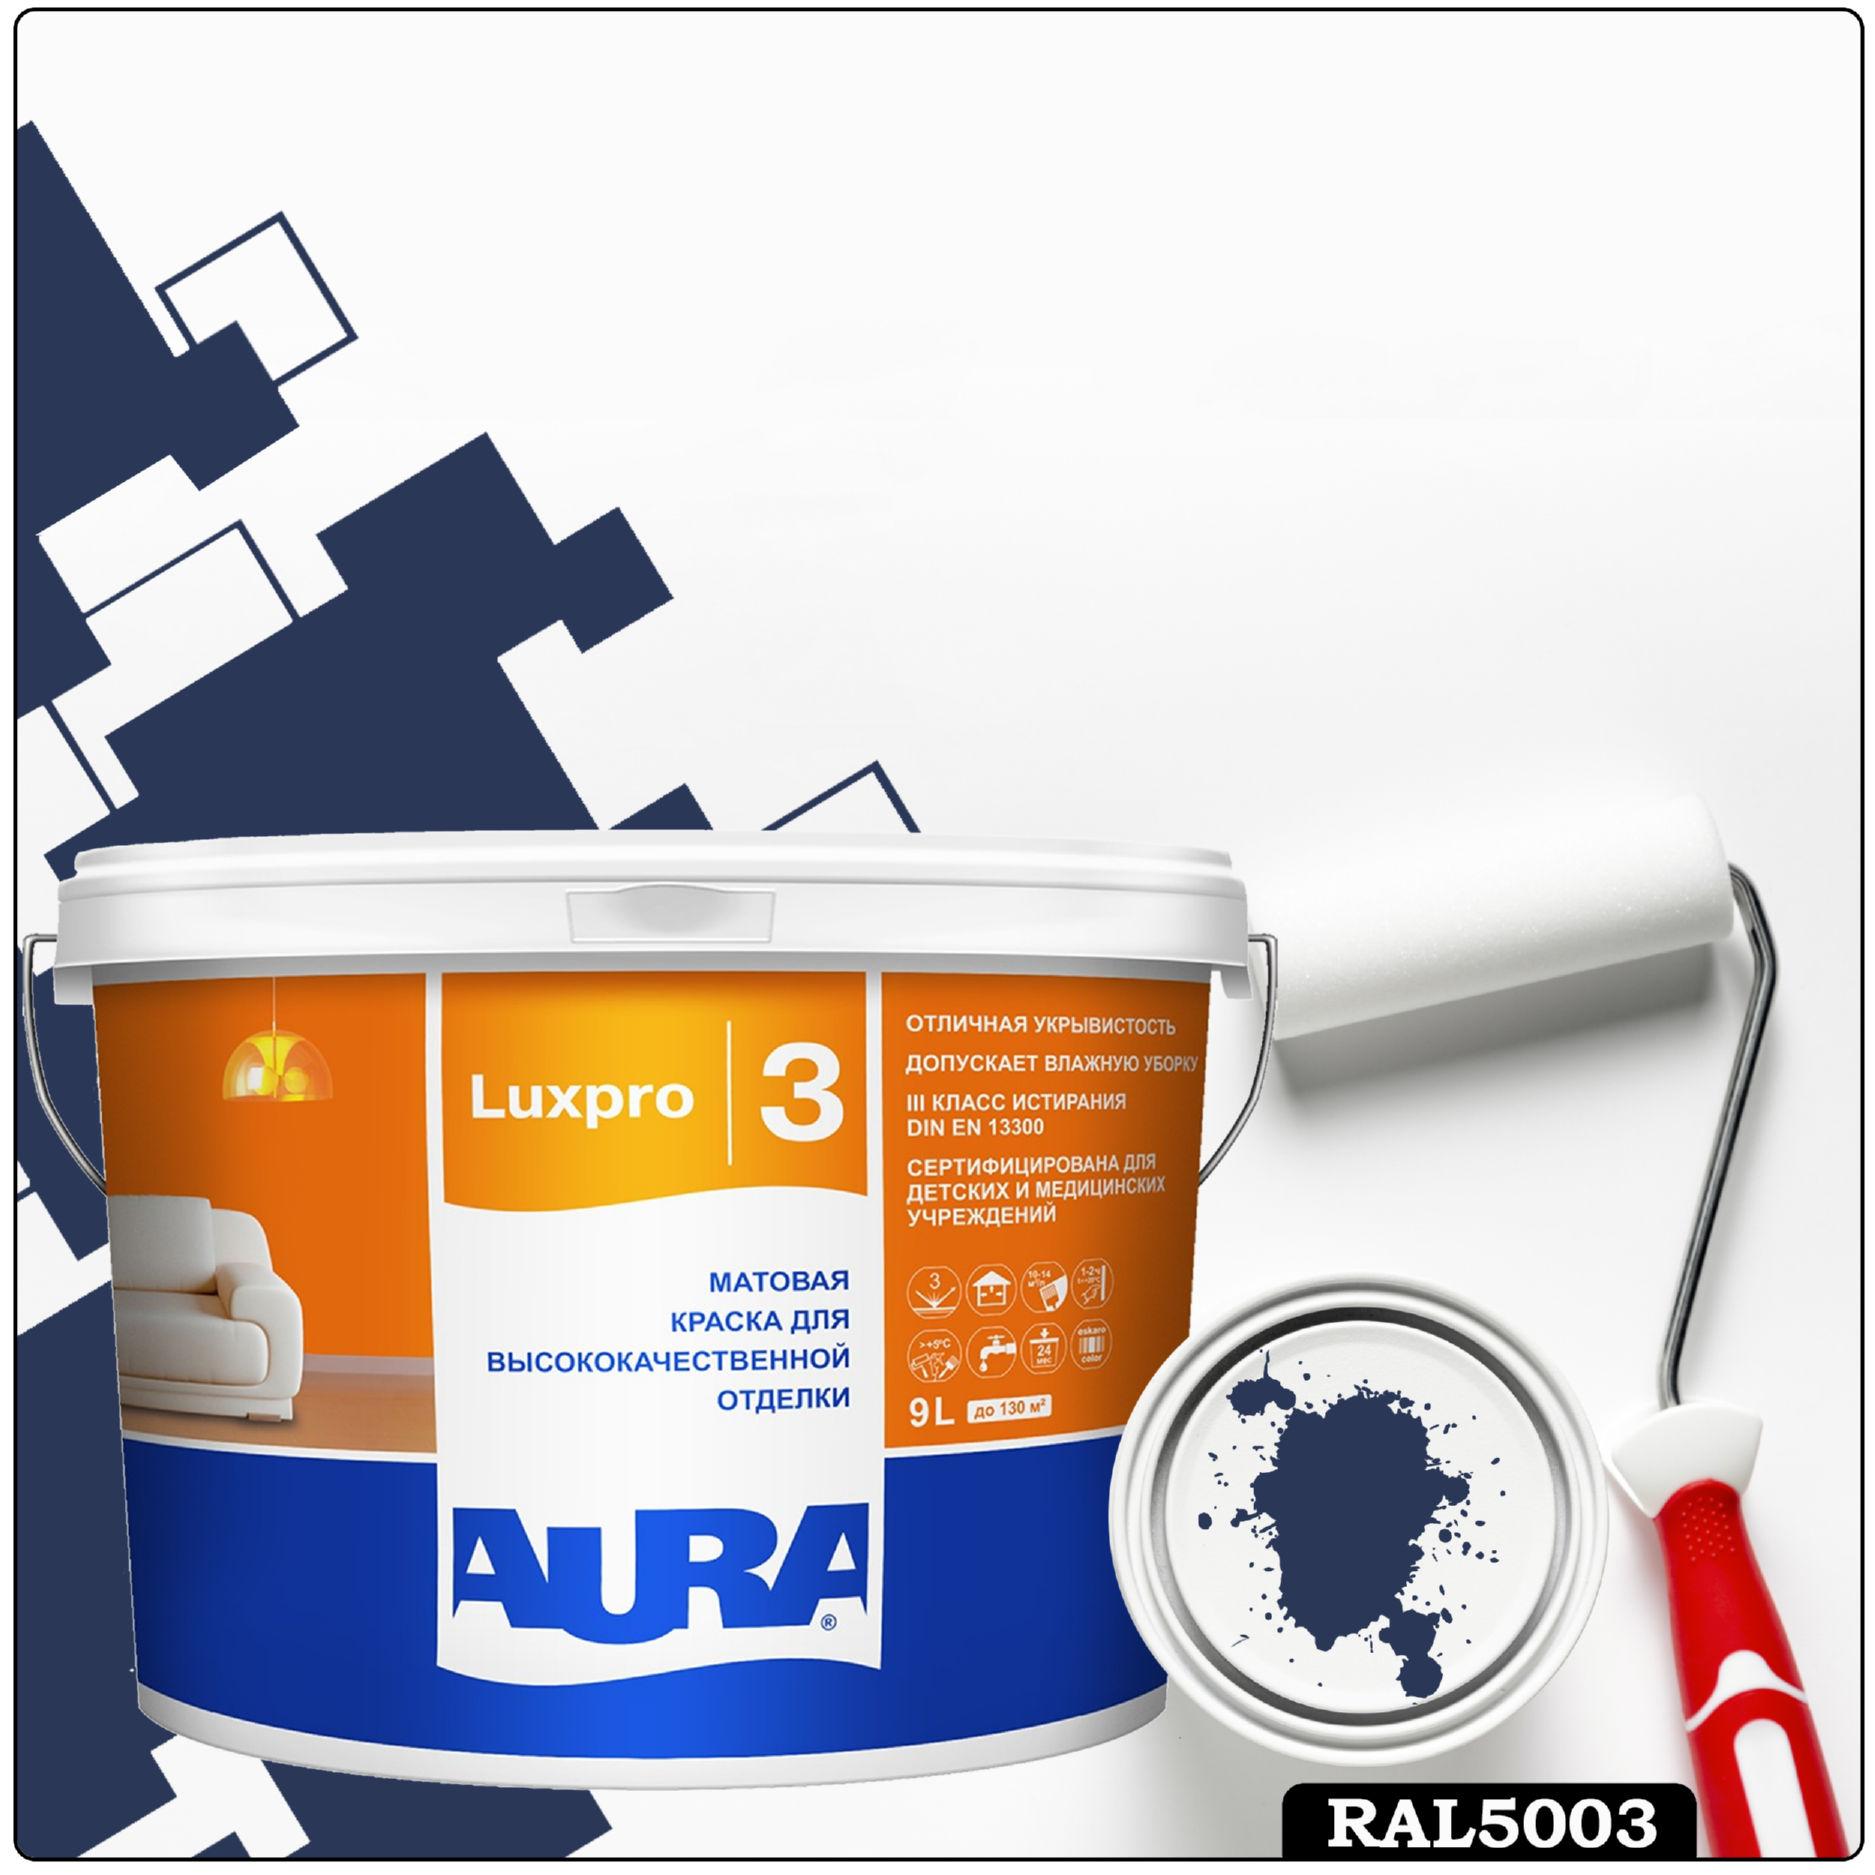 Фото 4 - Краска Aura LuxPRO 3, RAL 5003 Сапфирово-синий, латексная, шелково-матовая, интерьерная, 9л, Аура.